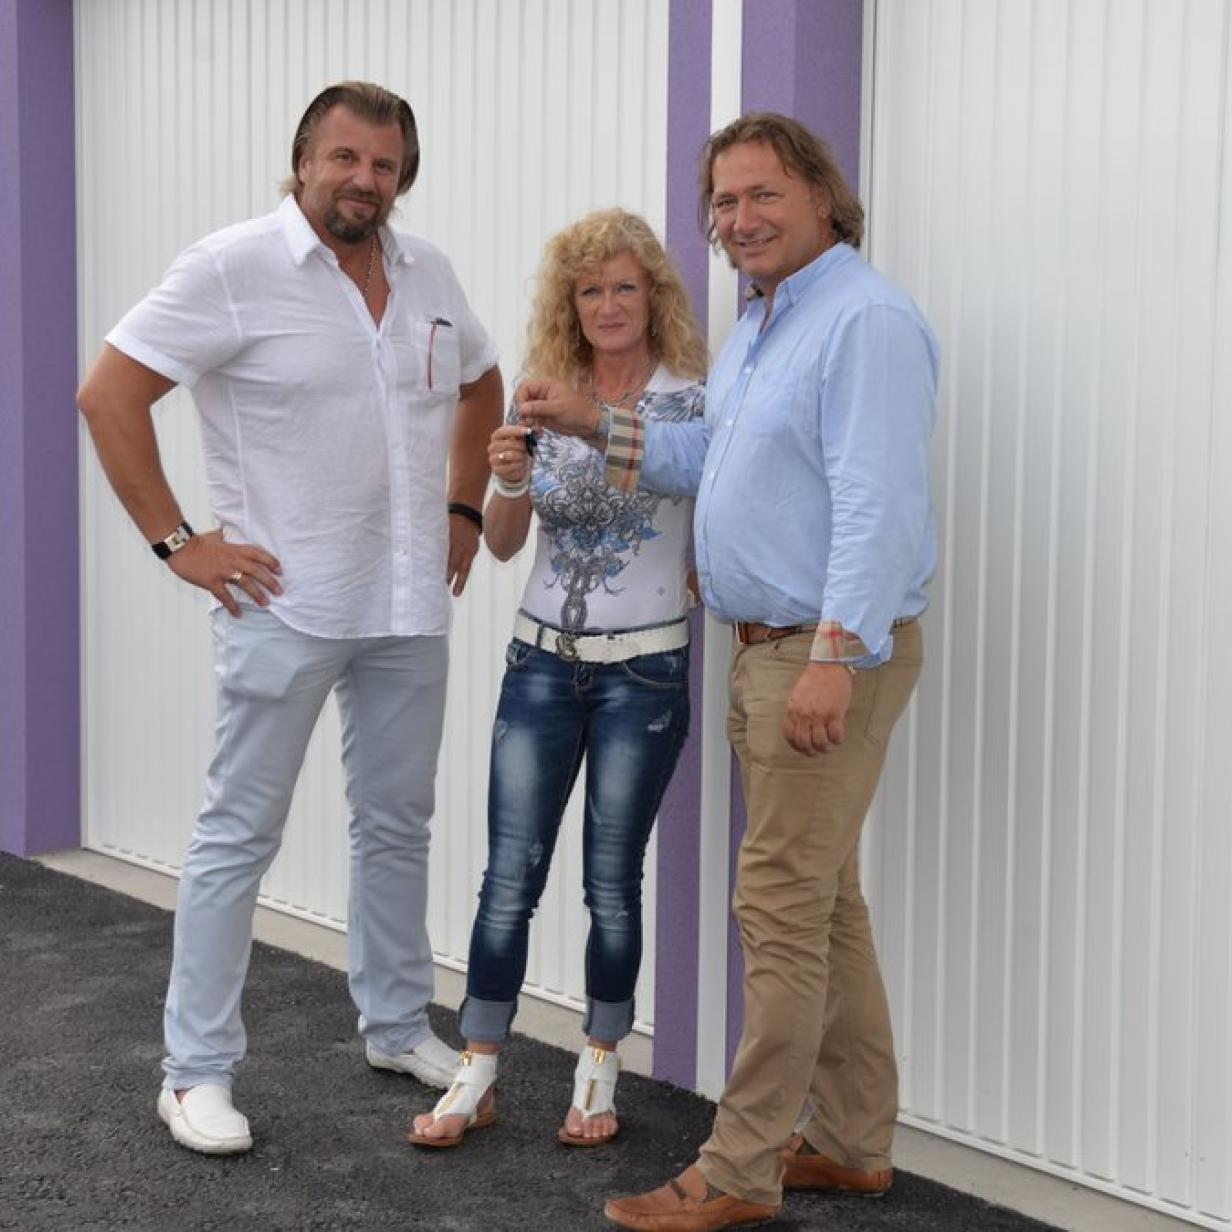 Fisching Kostenlos Partnersuche Wllersdorf Flirt Seewalchen Am